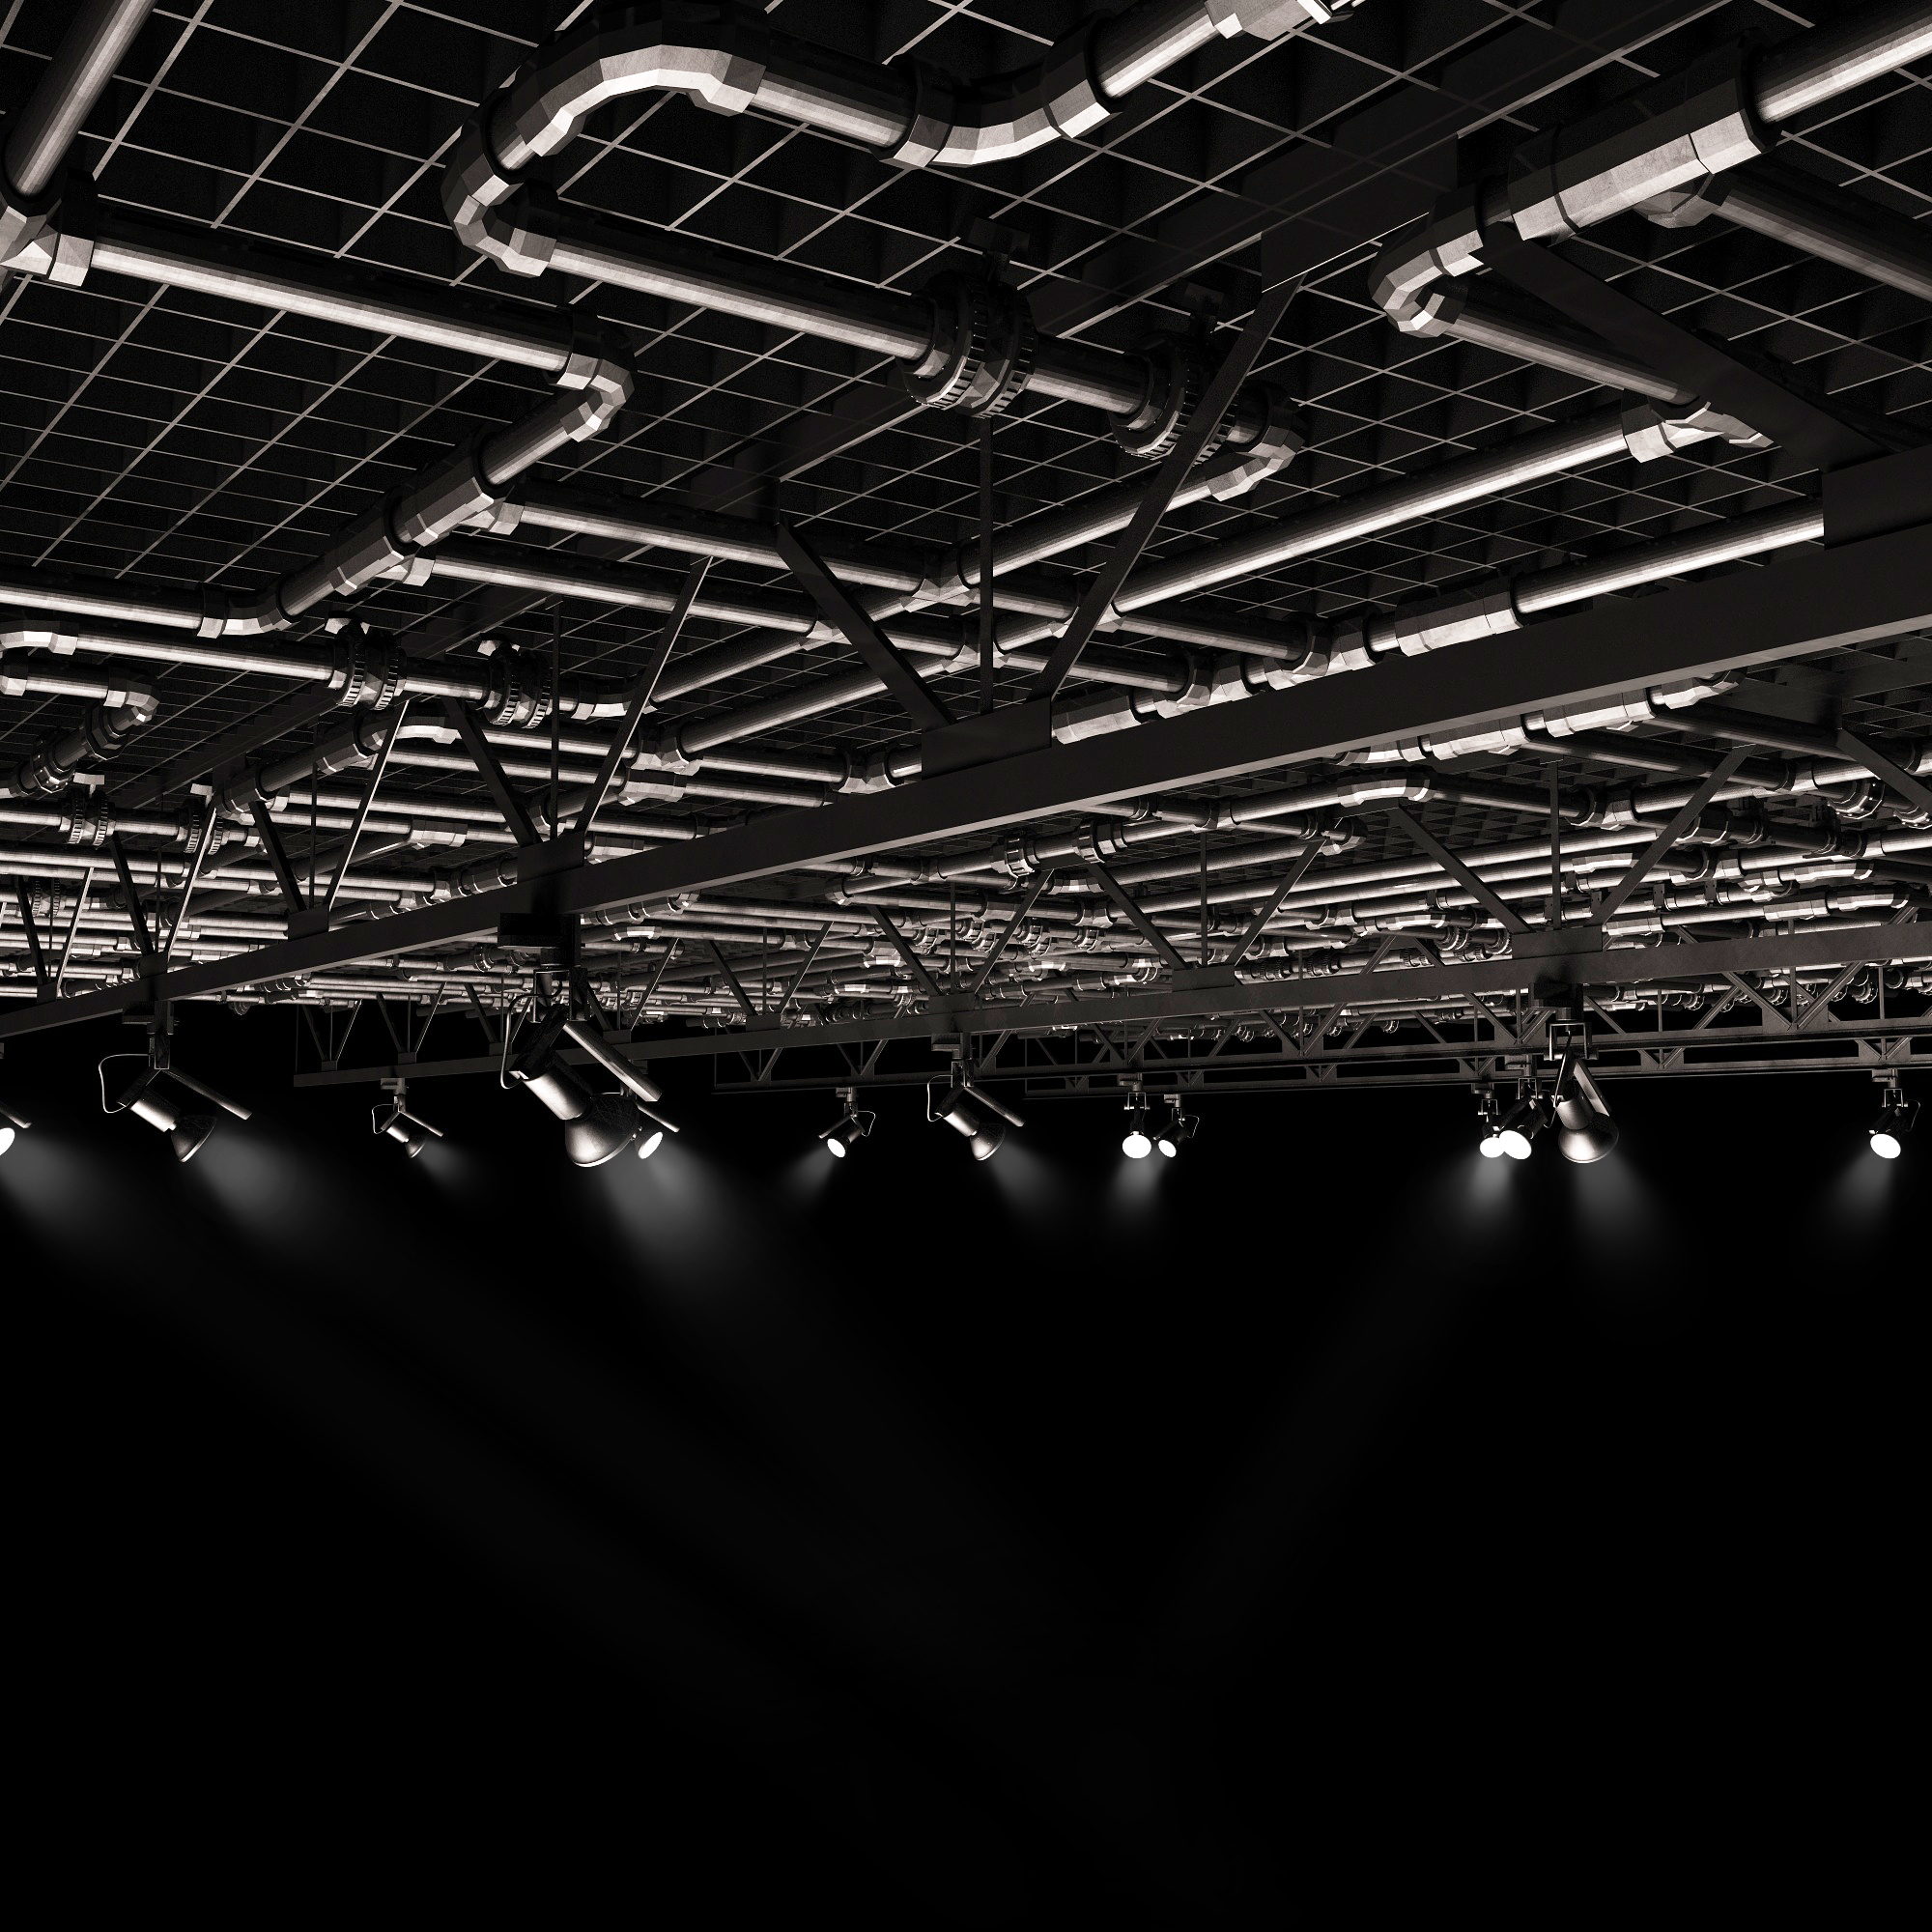 工业风格吊顶3d模型下载-图1